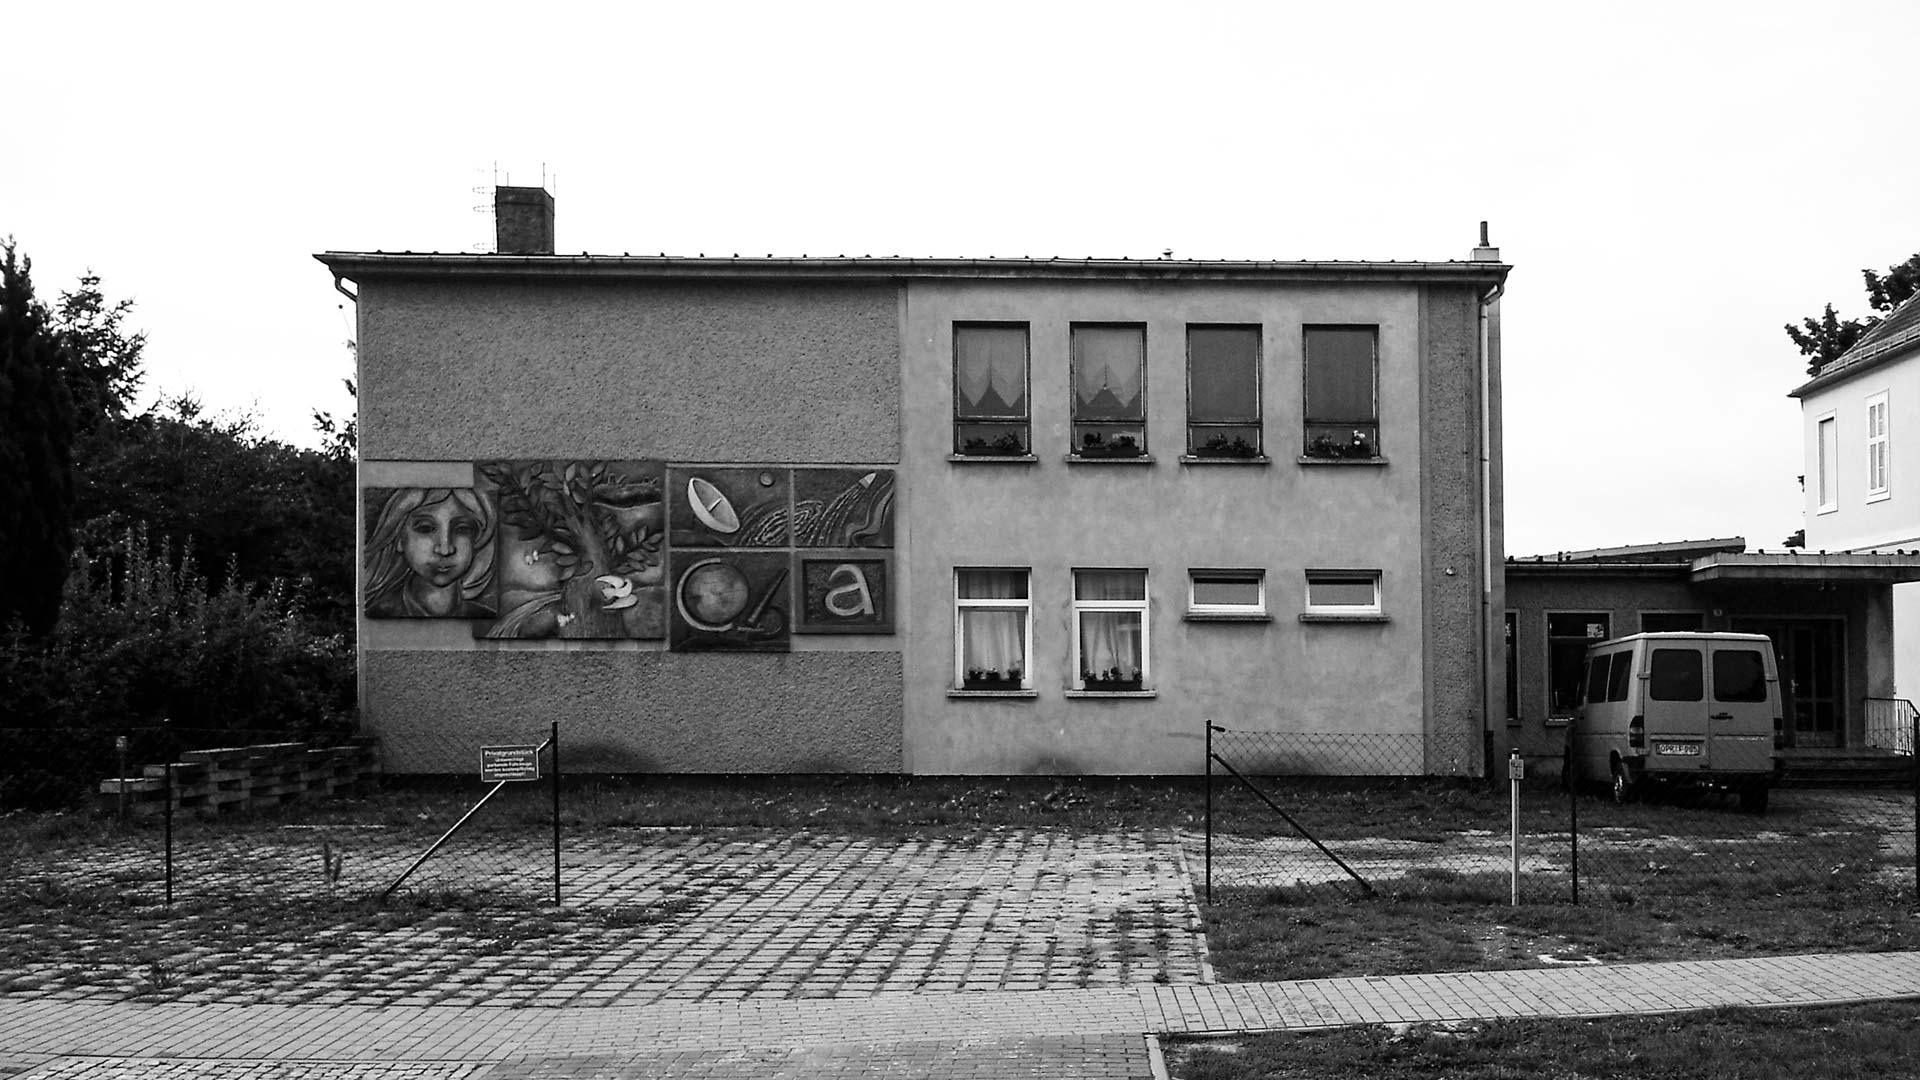 Auf dem Wunderblutweg wandern – irgendwie schon noch DDR. Oder sah die Architektur der Sechziger etwa überall so aus?